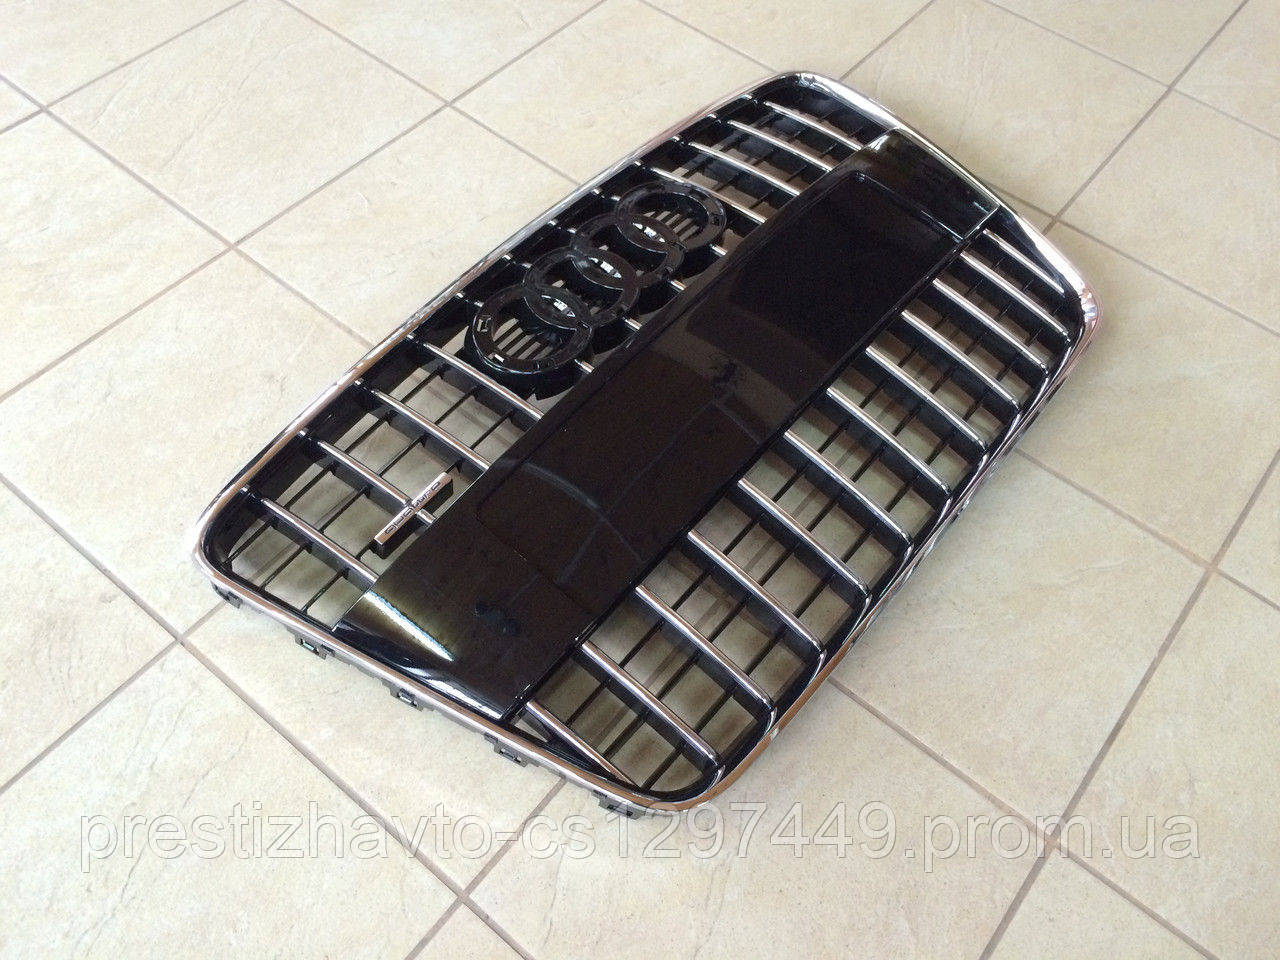 Решетка радиатора на Audi Q7 Quattro